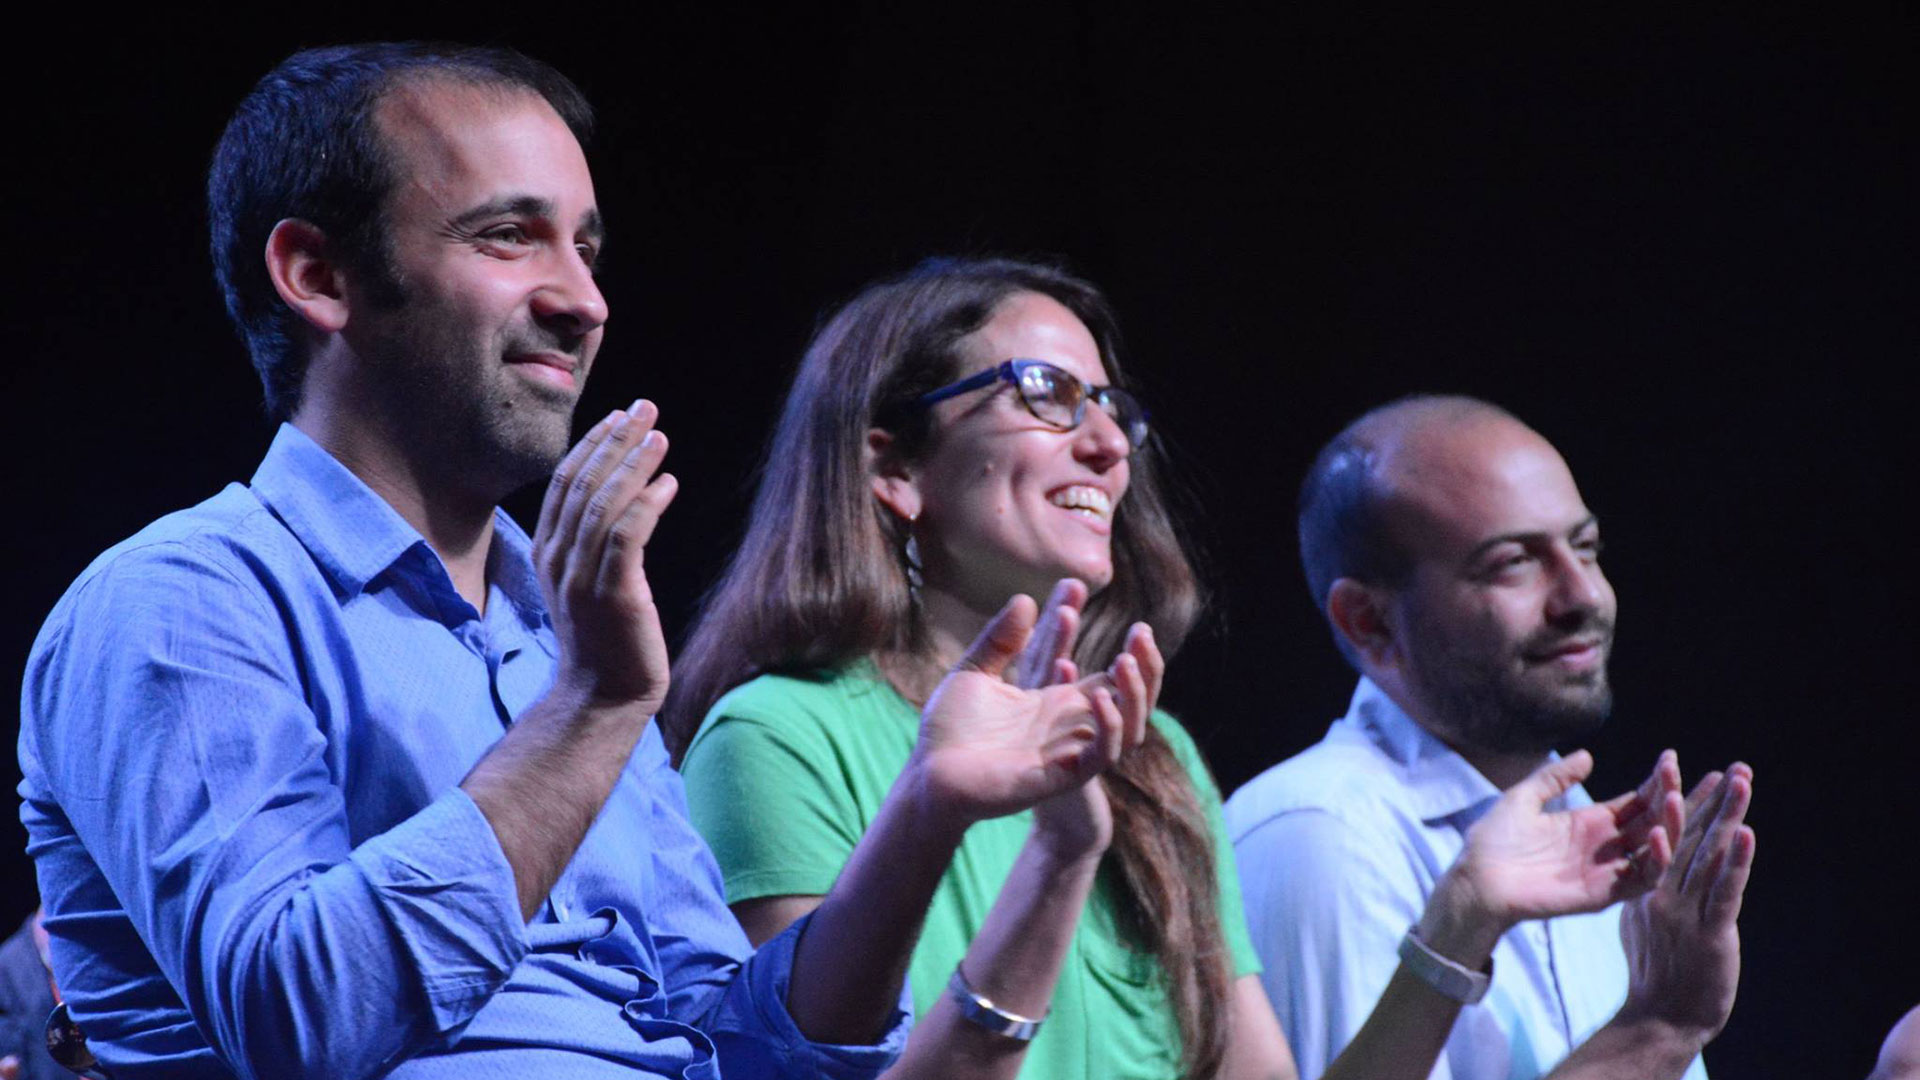 De izquierda a derecha: Itai Hagman, Elizabeth Gómez Alcorta y Jonathan Thea.